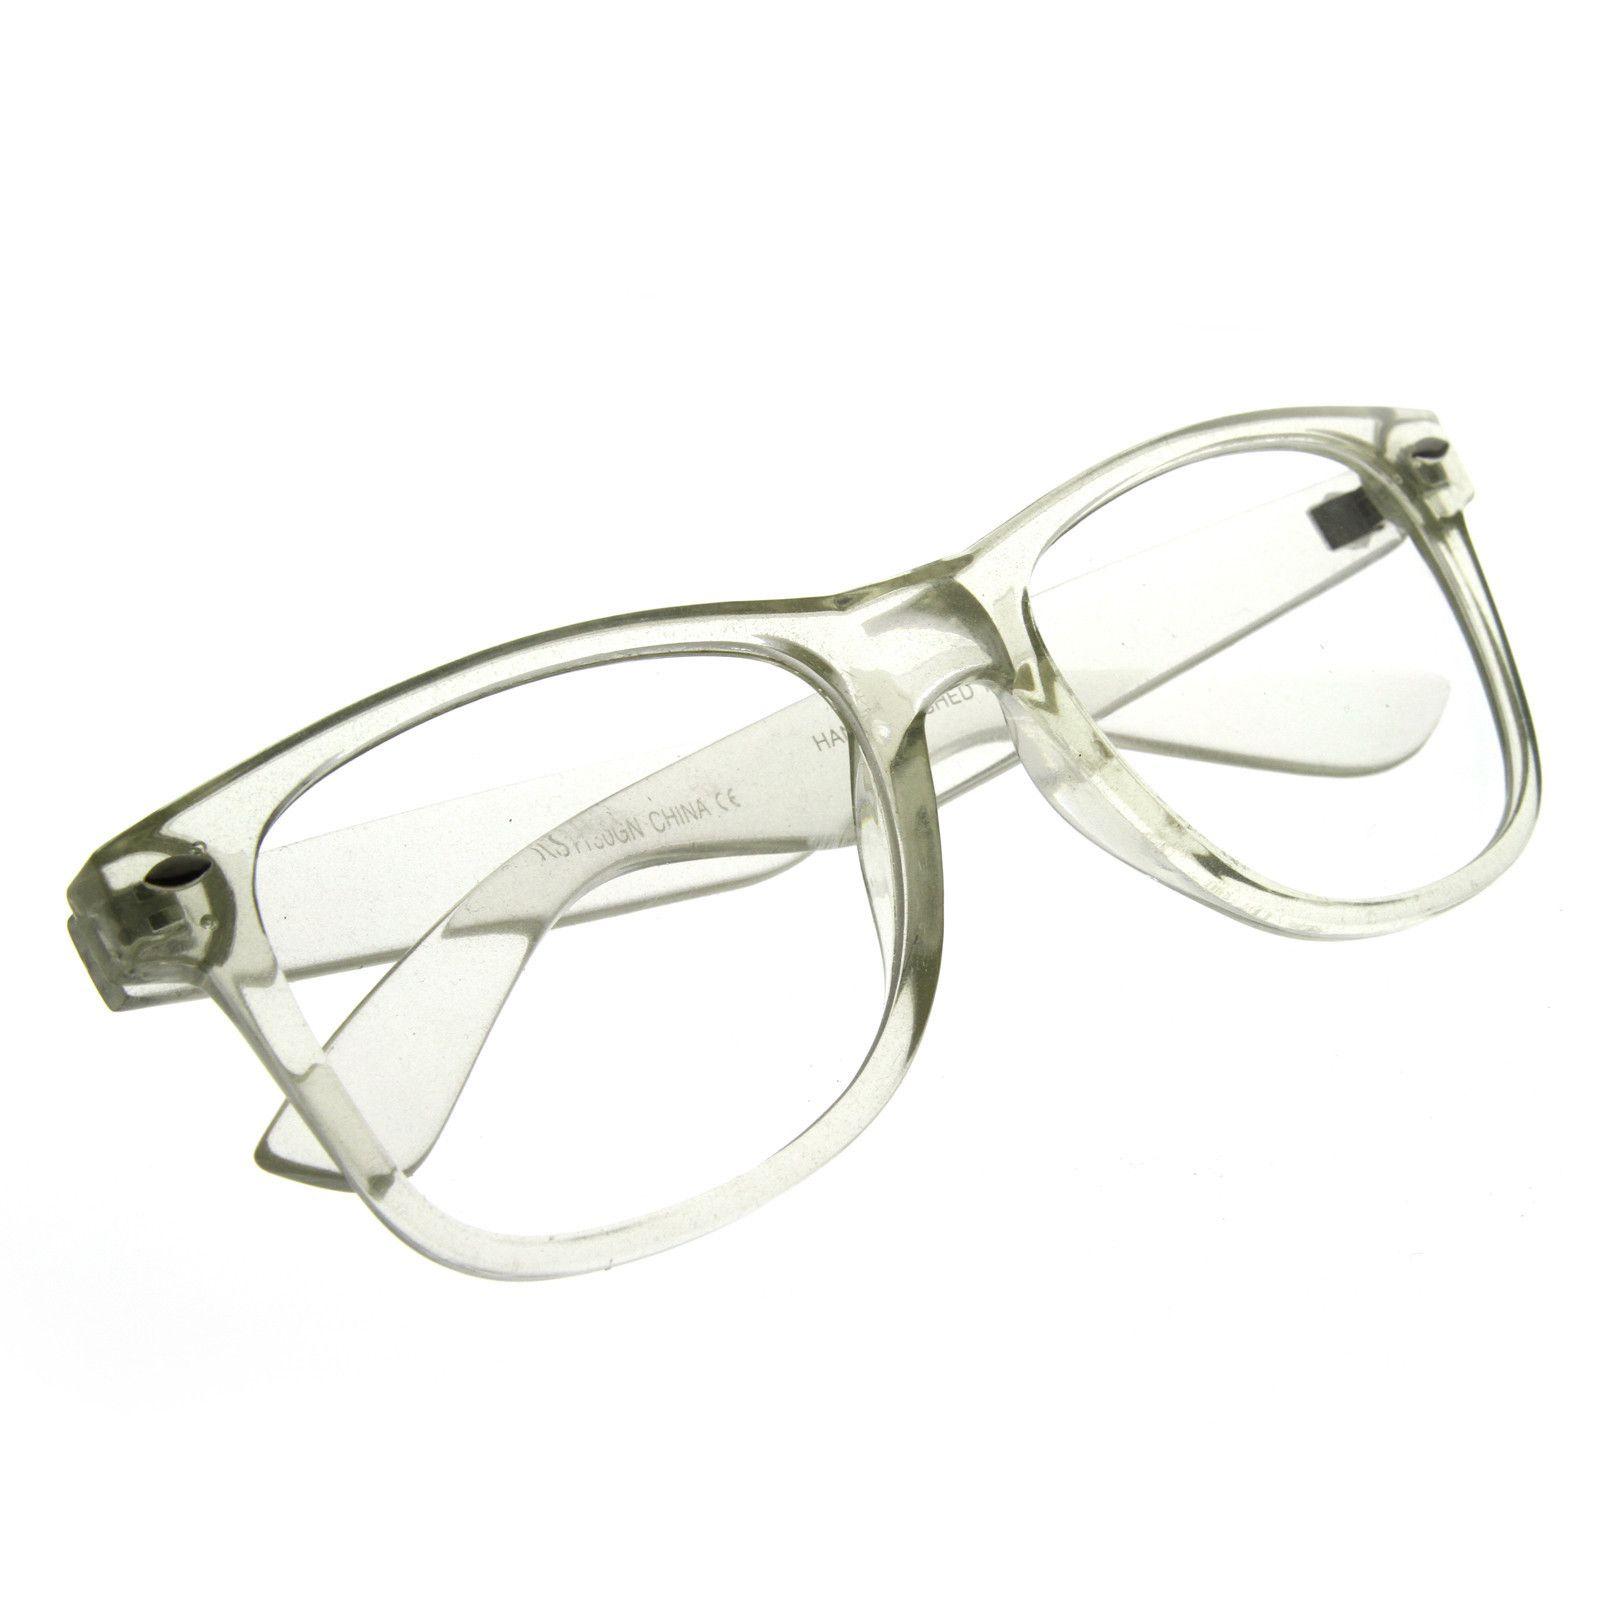 Super clear transparent crystal frame horned rim glasses 8050 super clear transparent crystal frame horned rim glasses 8050 jeuxipadfo Gallery